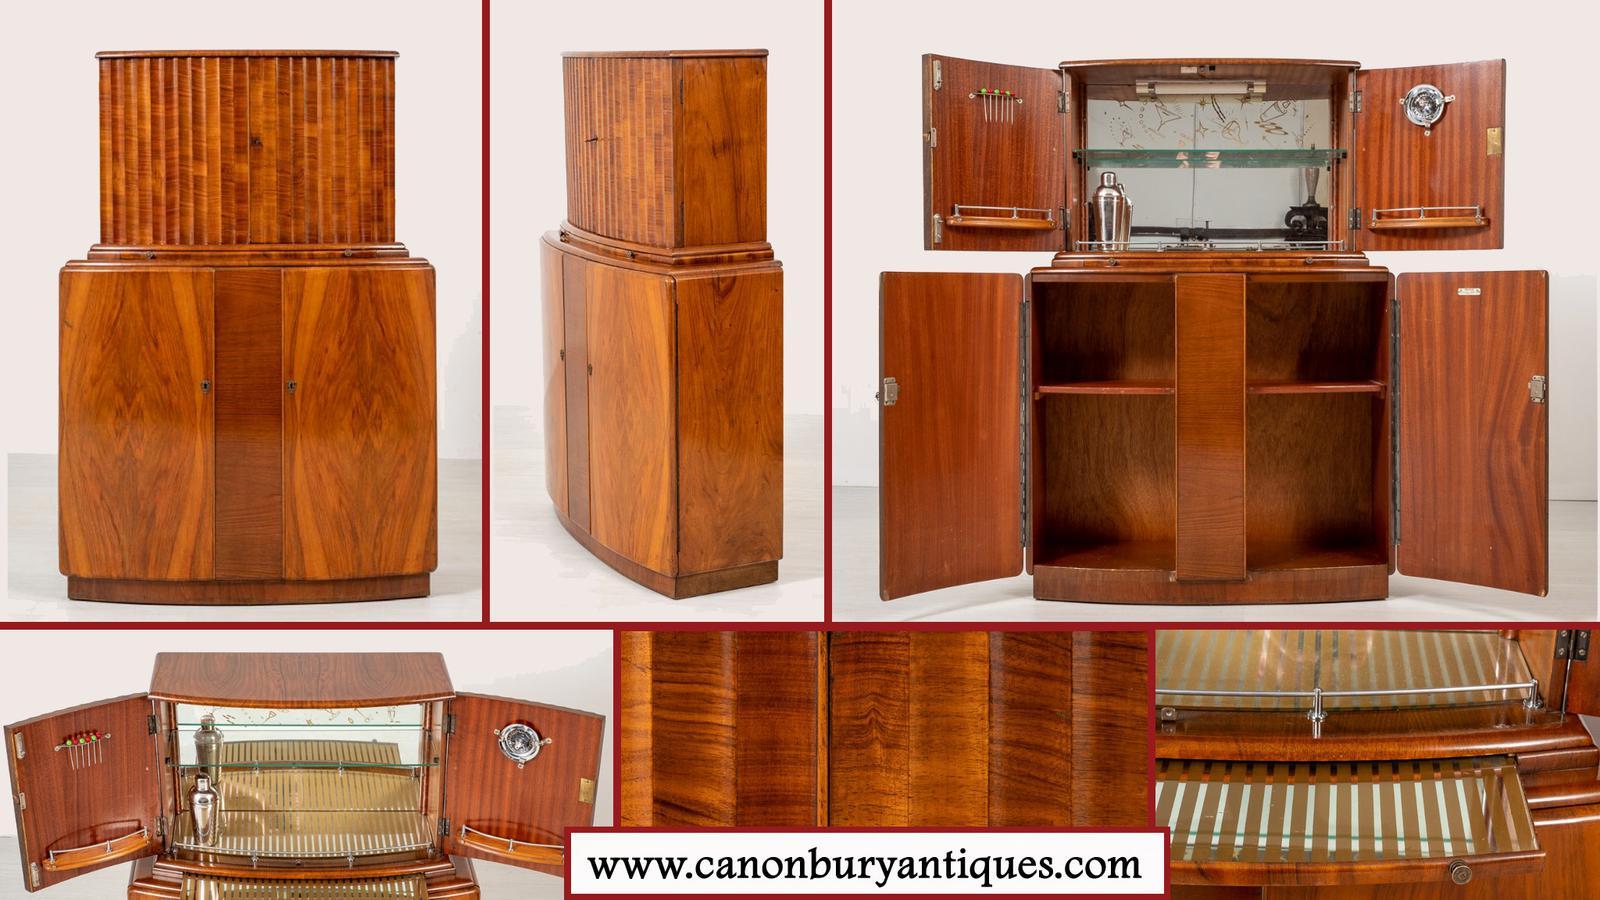 Canonbury Antiques image (8 of 8)